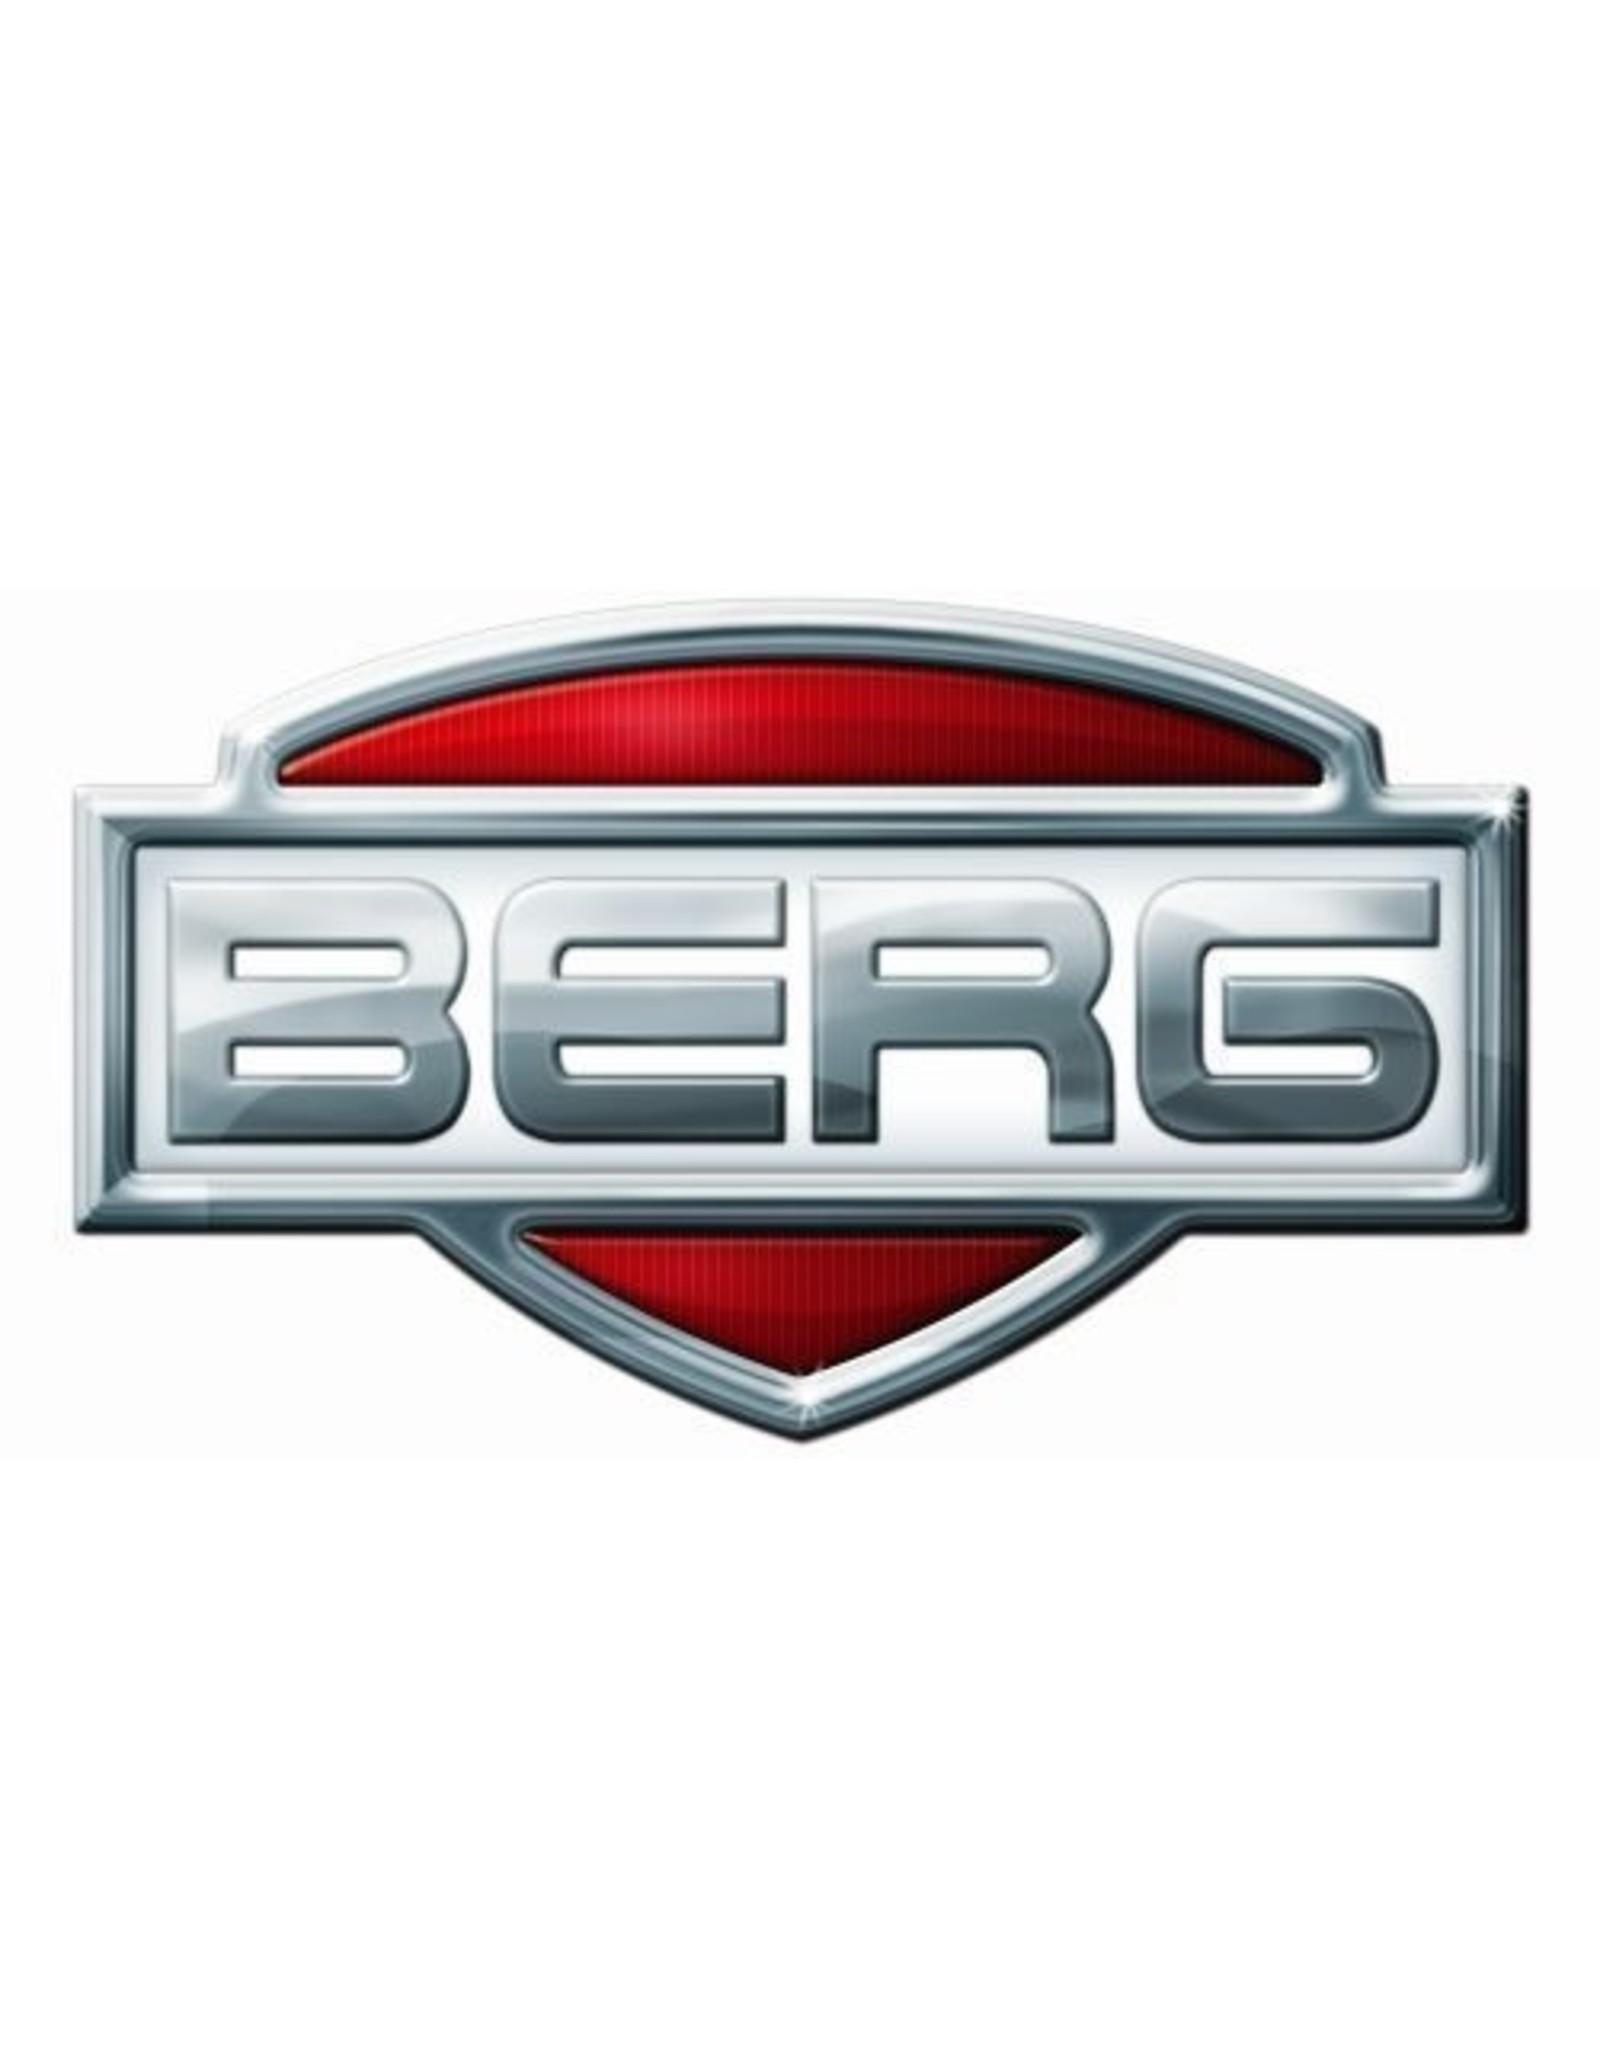 BERG BERG Sicherheitsnetz Deluxe - Gummizug für Netzunterseite (10x)